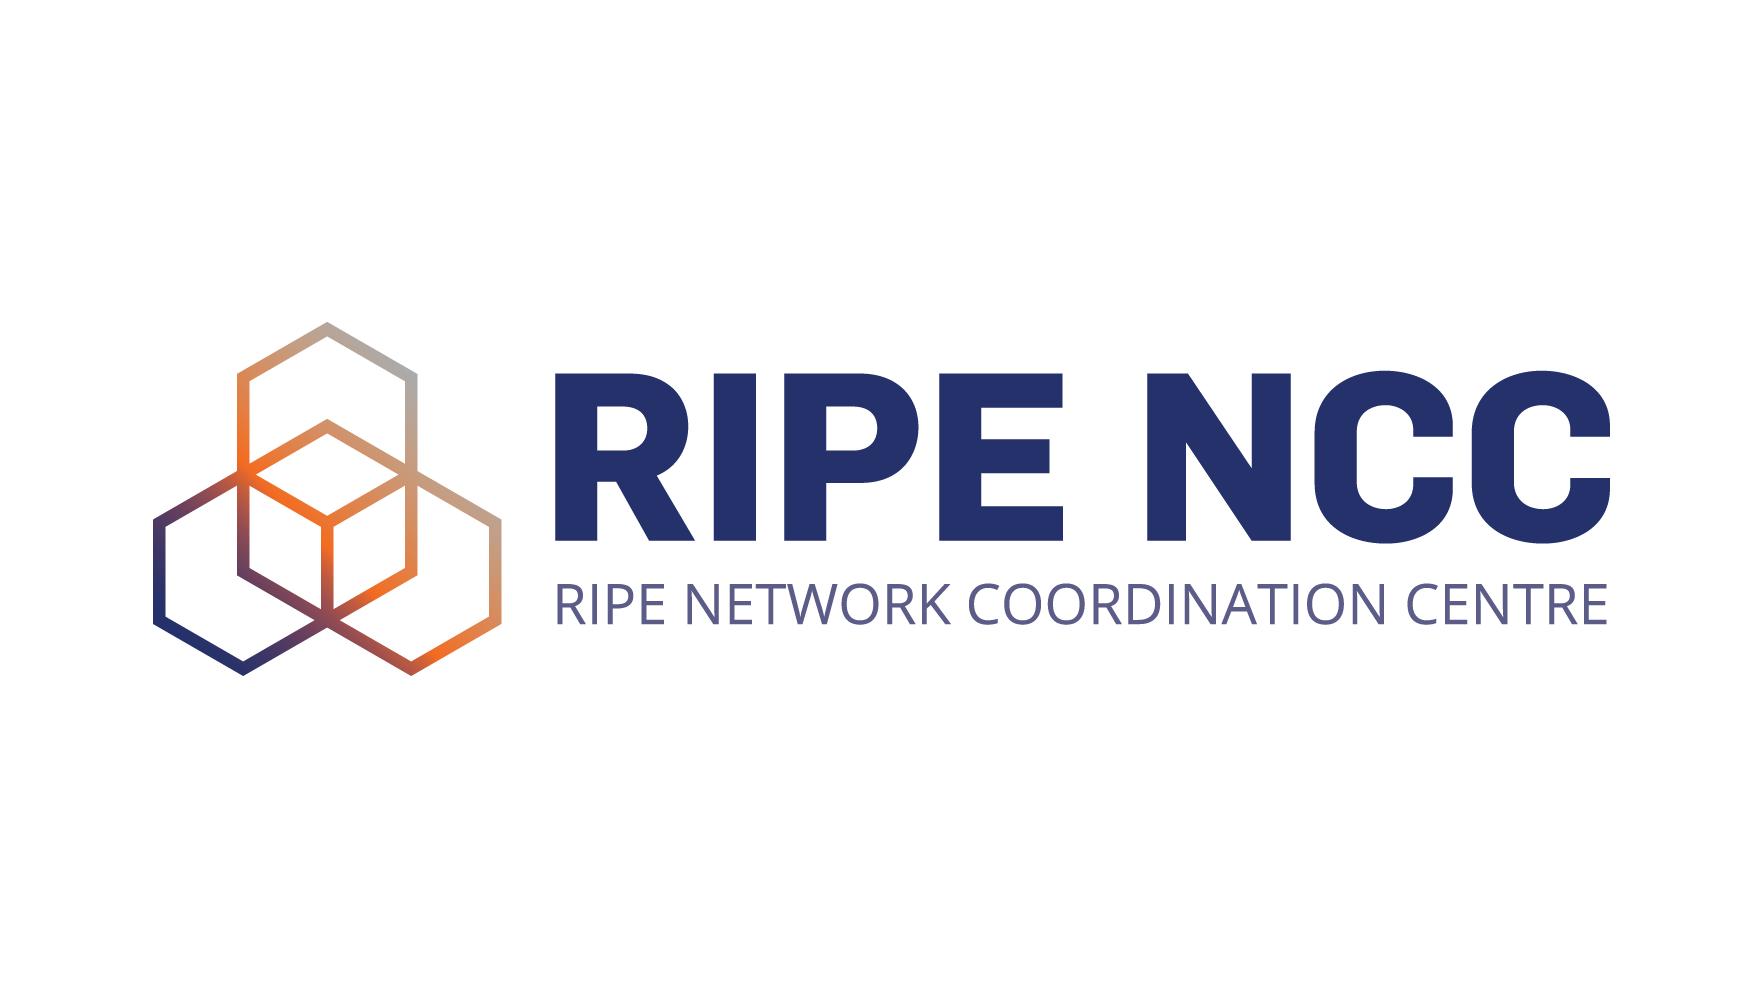 Организация RIPE NCC сообщила, что ее пытались взломать